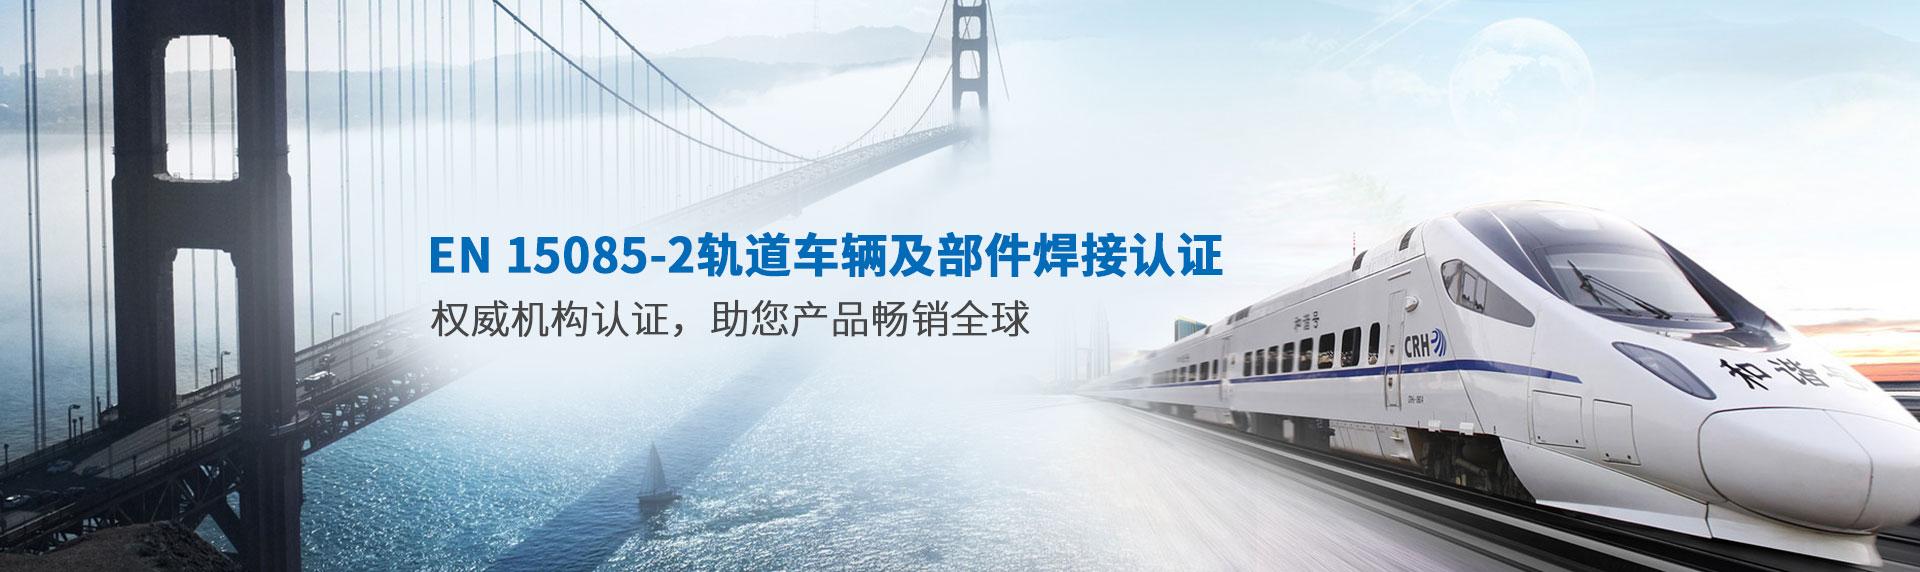 EN15085認證_允銓檢測技術服務(上海)有限公司